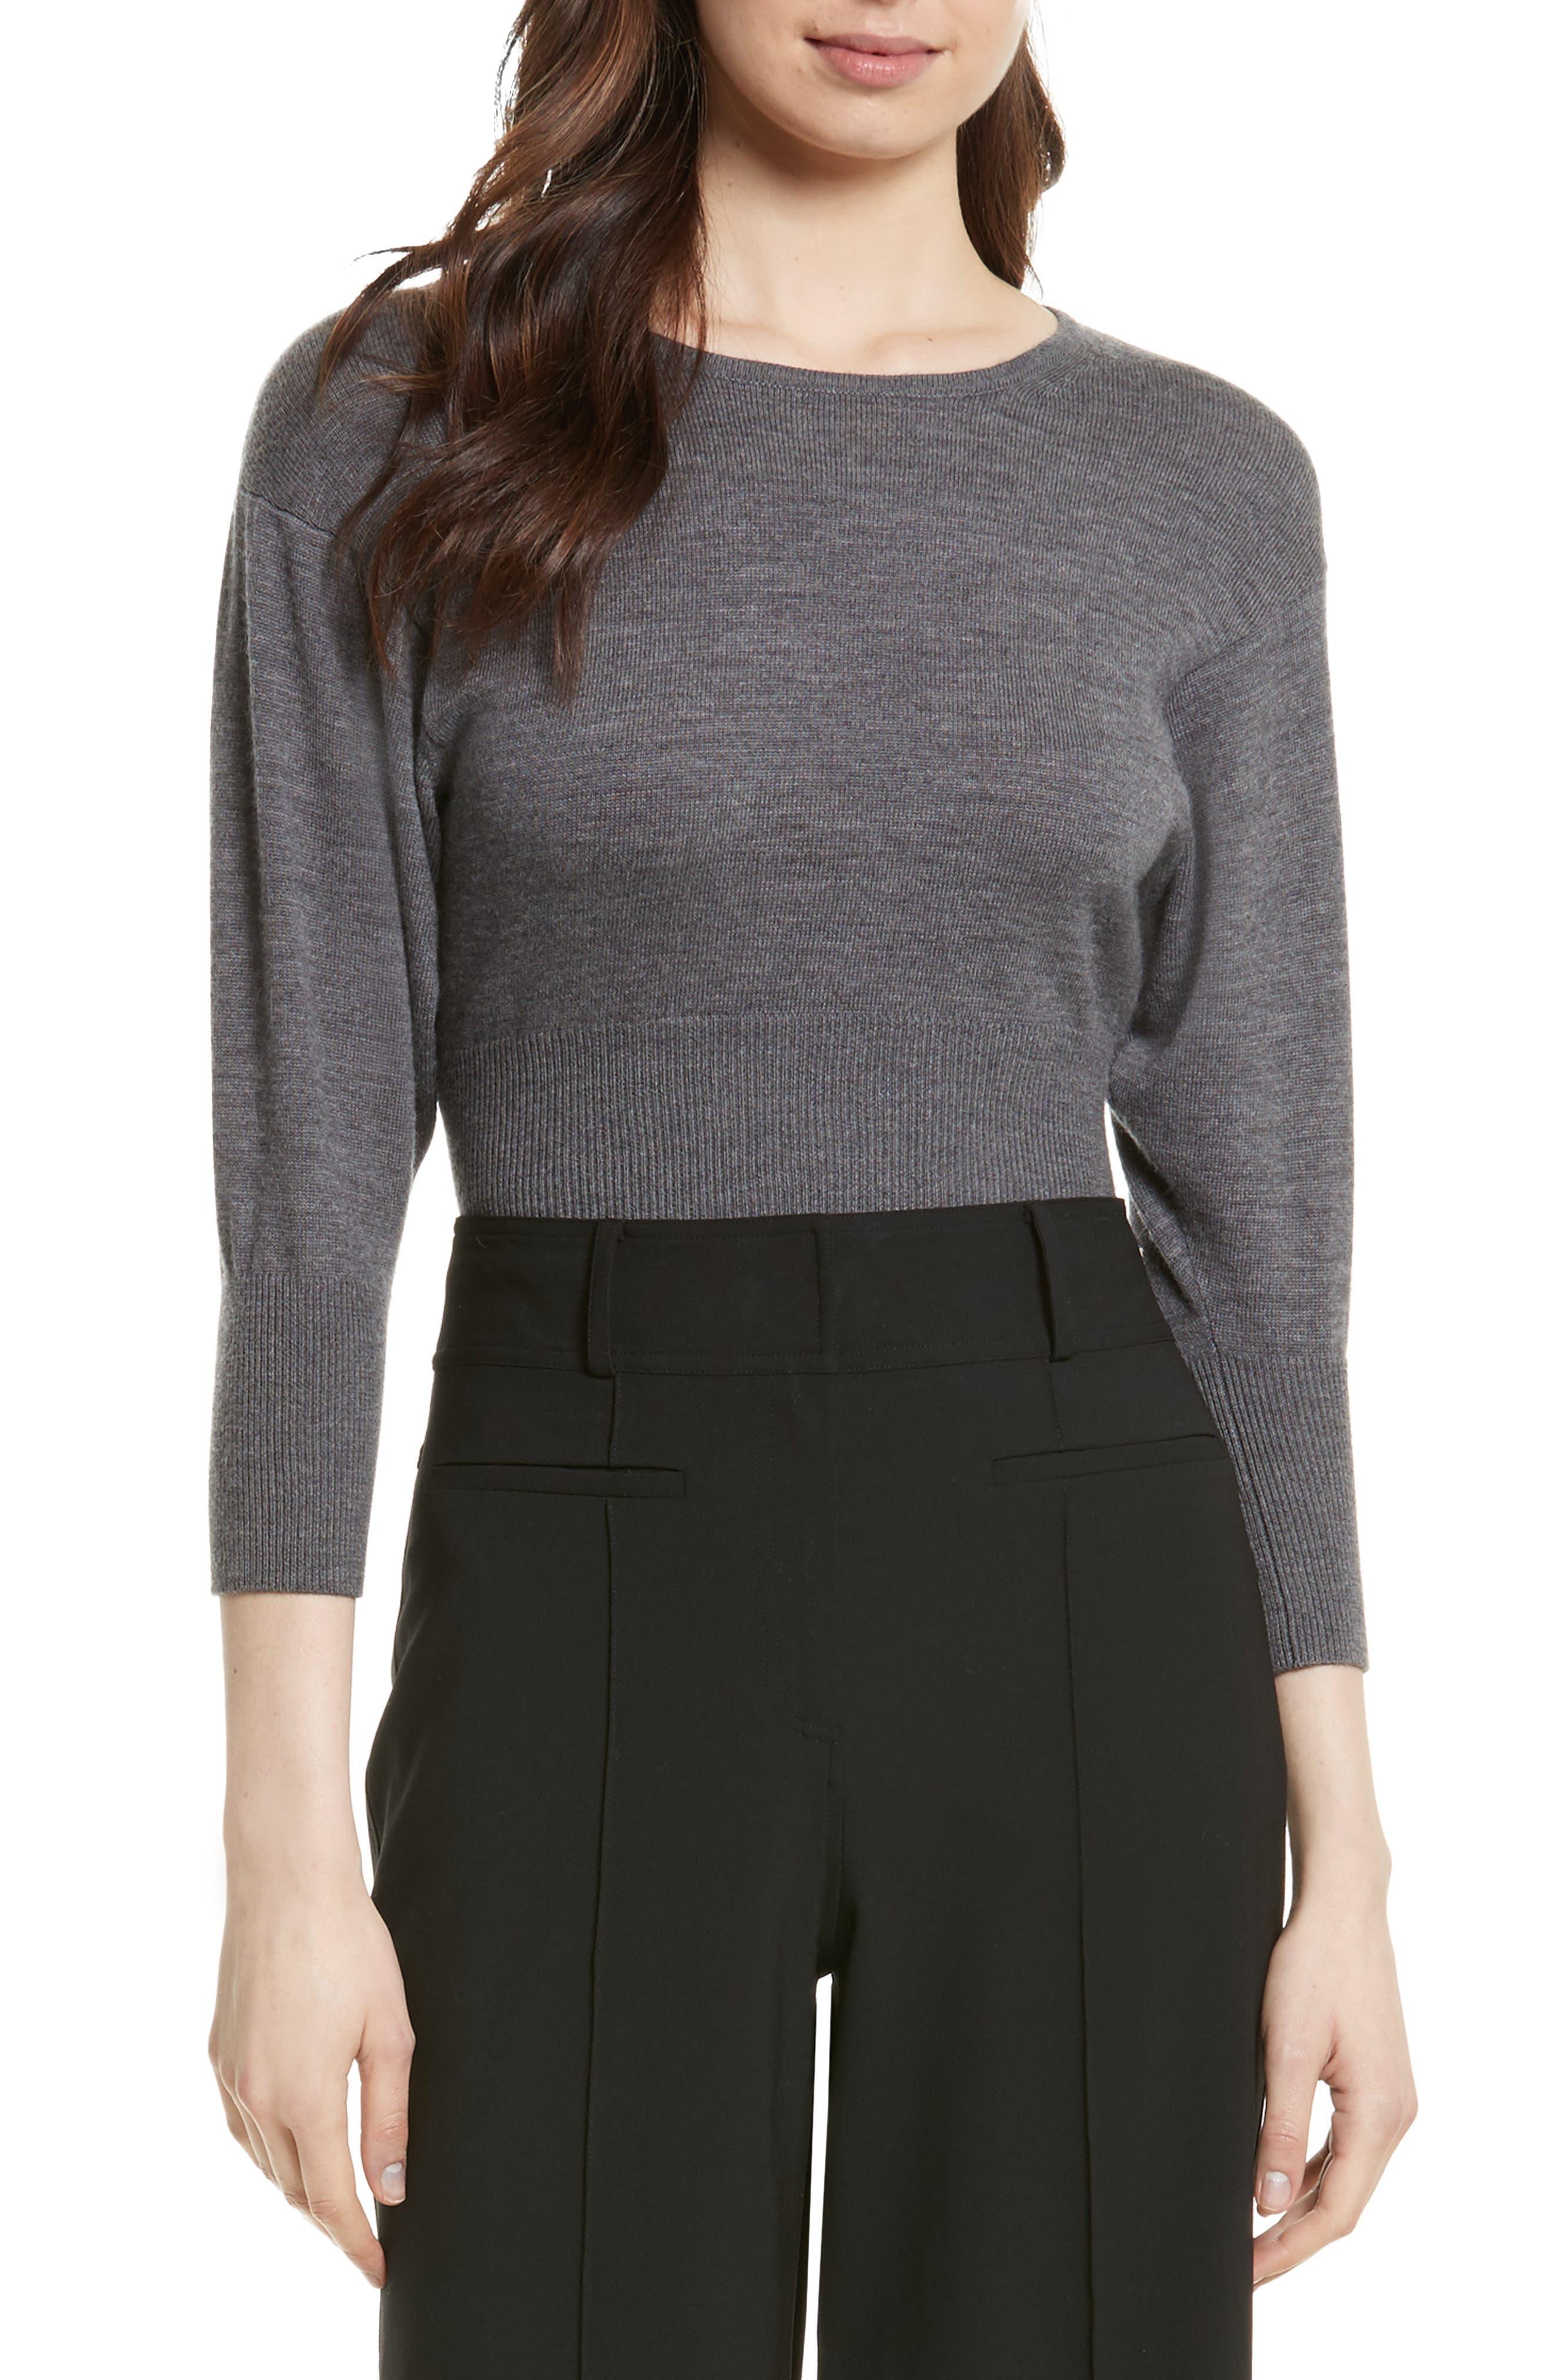 Diane von Furstenberg Merino Crop Sweater